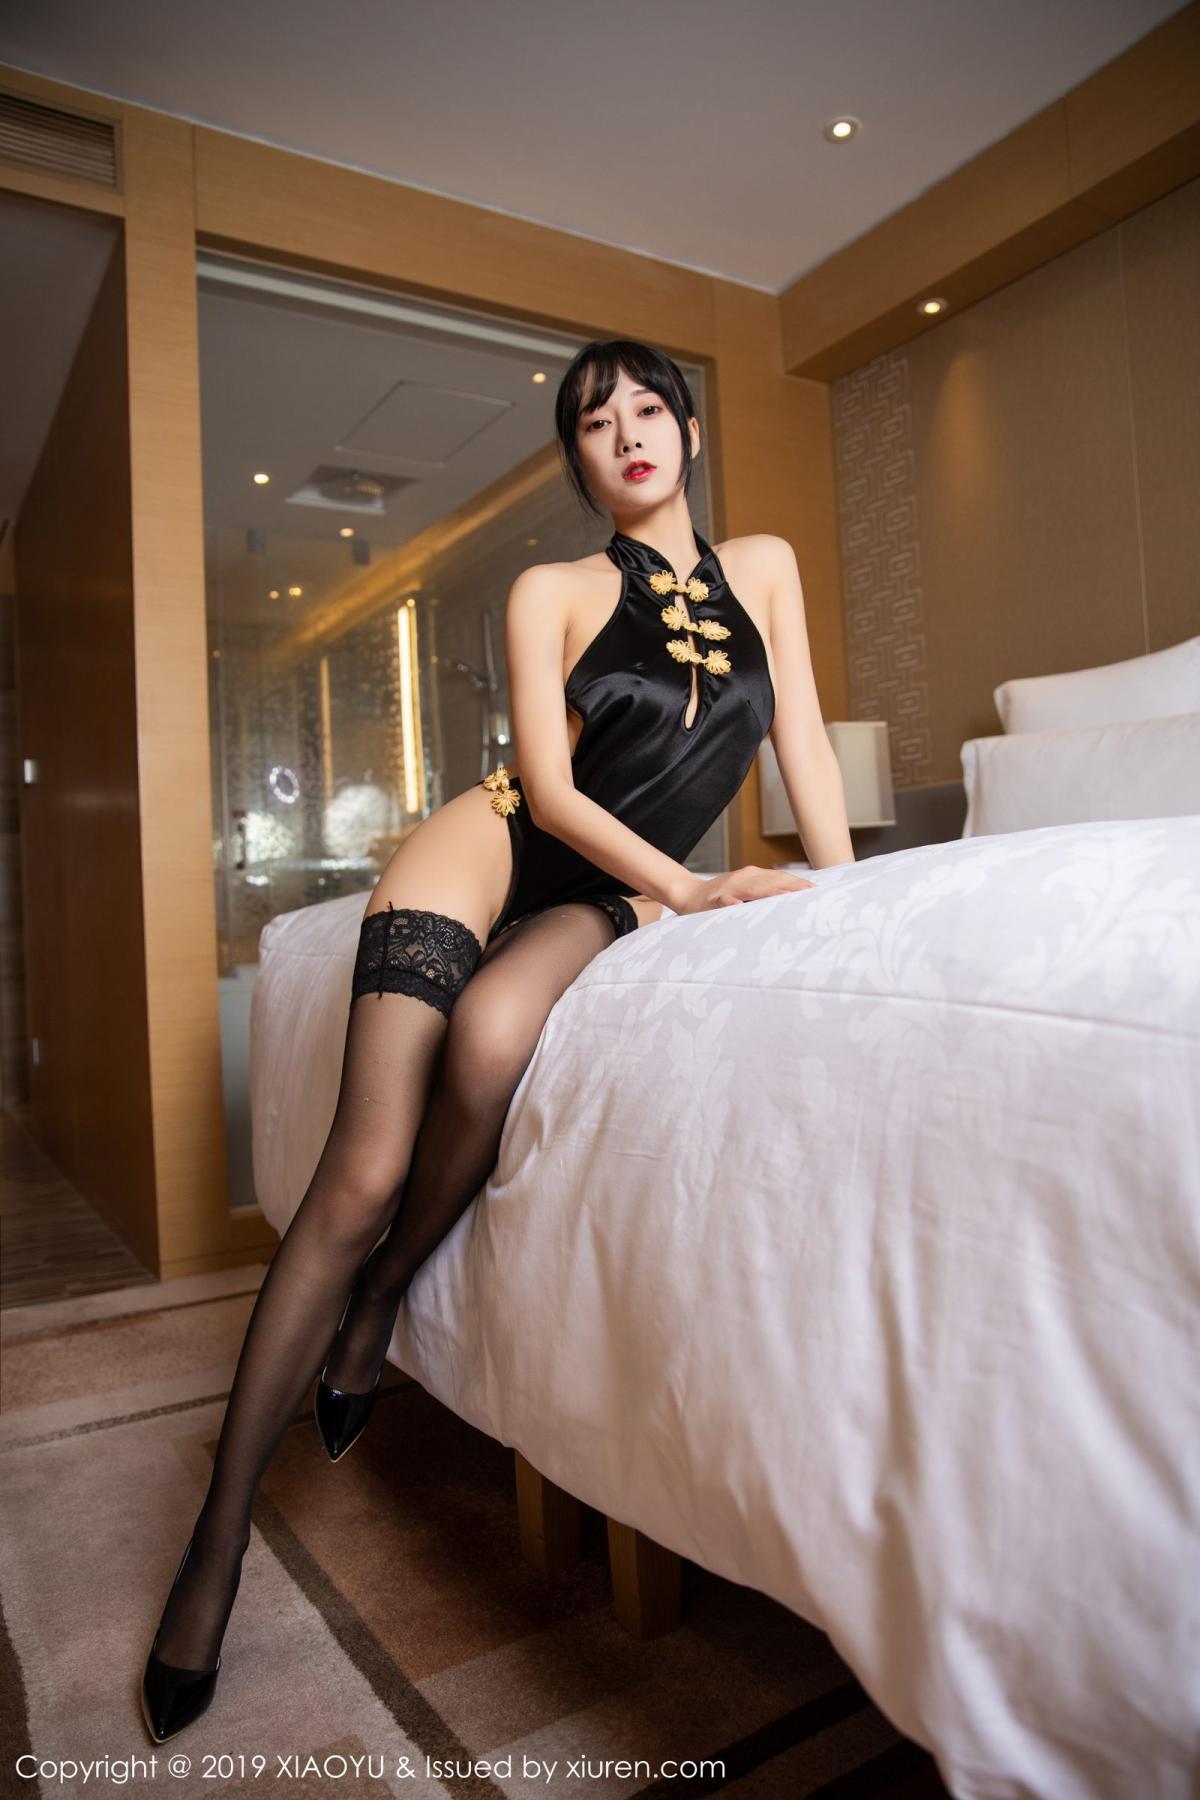 [XiaoYu] Vol.170 He Jia Ying 16P, He Jia Ying, Tall, XiaoYu